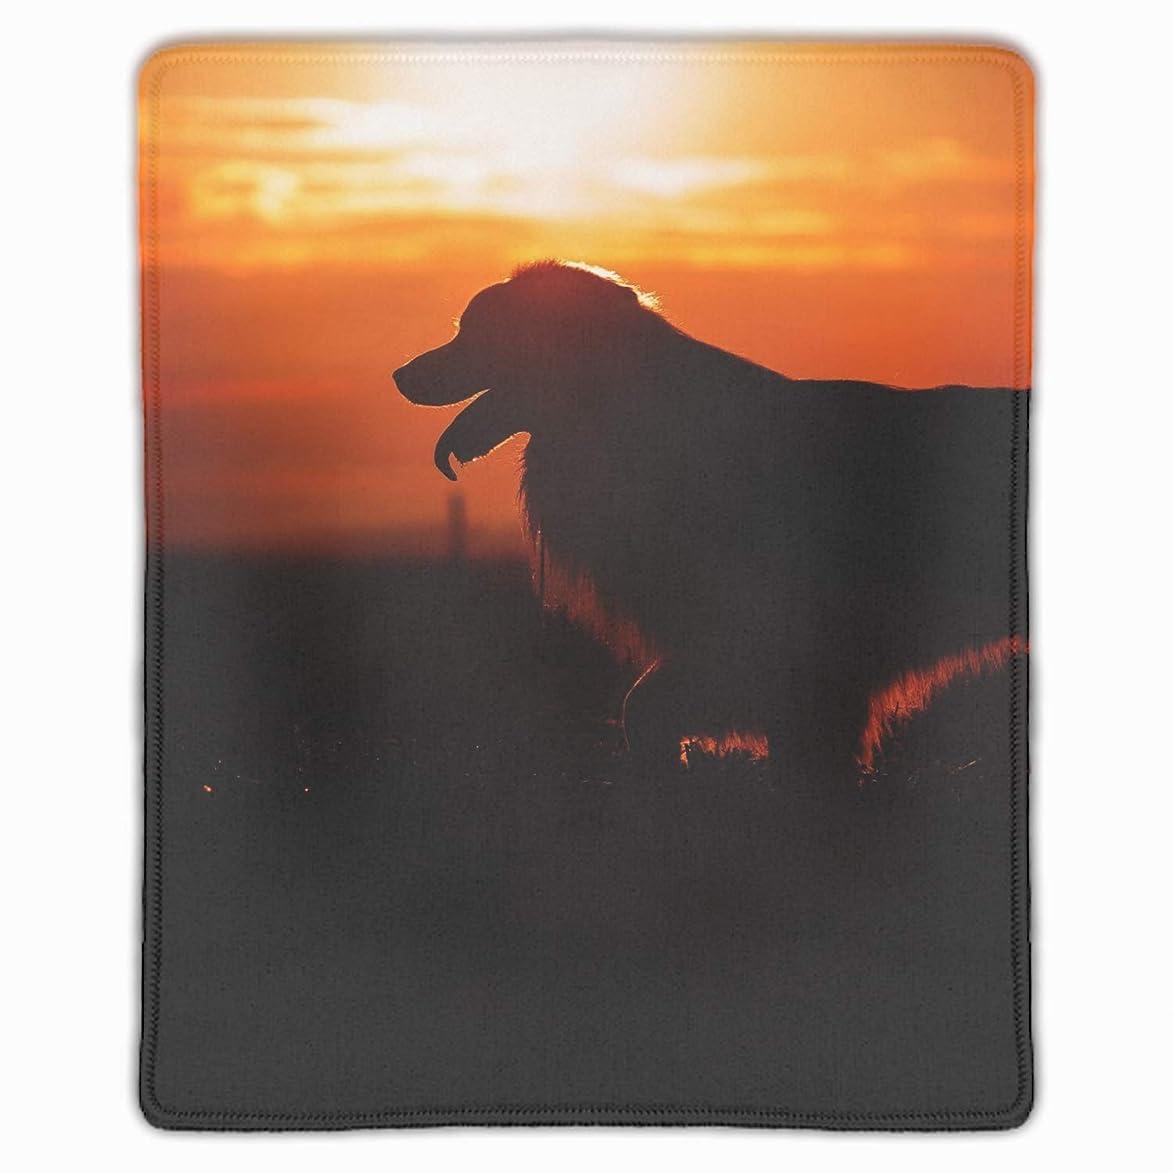 フラッシュのように素早く申込み必要としているゲーミング向け 大型マウスパッド デスクマット 防水材質 水で洗えるマウスパッド 日没の子犬